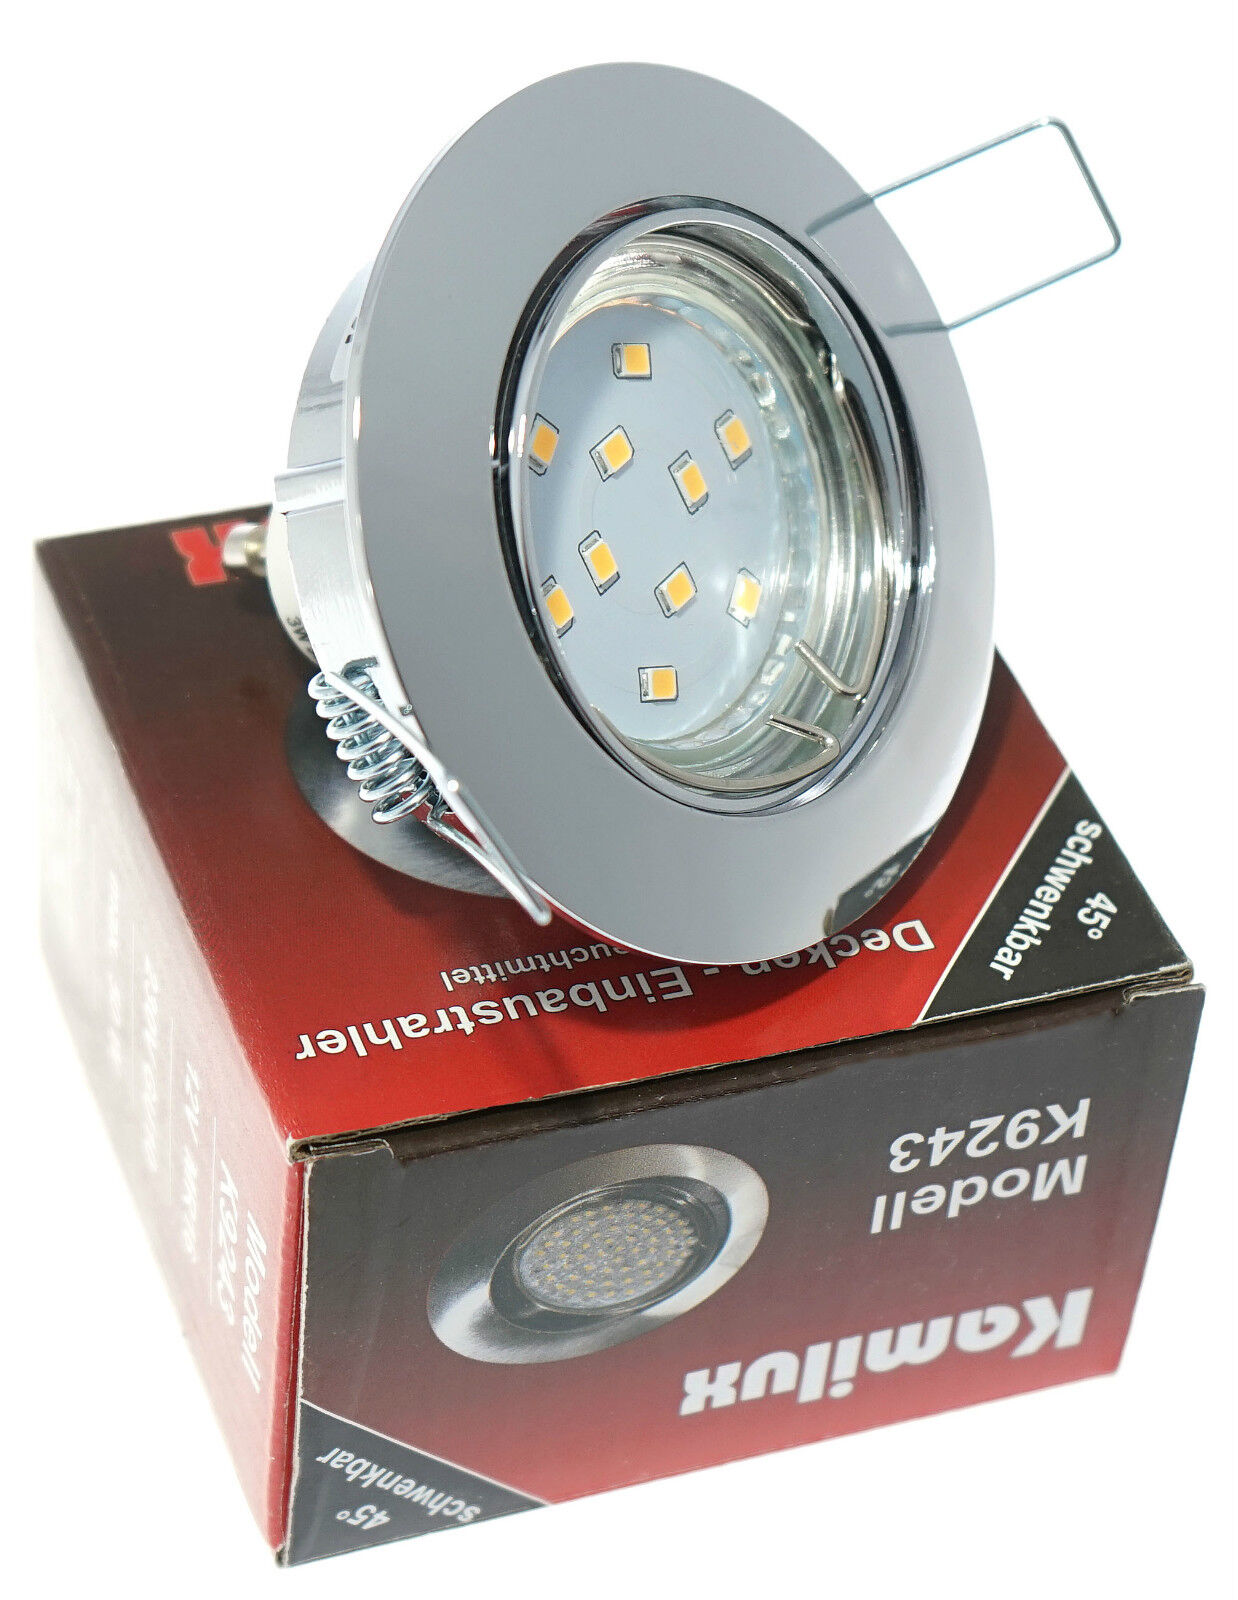 Flureinbaustrahler SMD LED Lisa Chrom Gläntzend 3W = 25W schwenkbar 230V